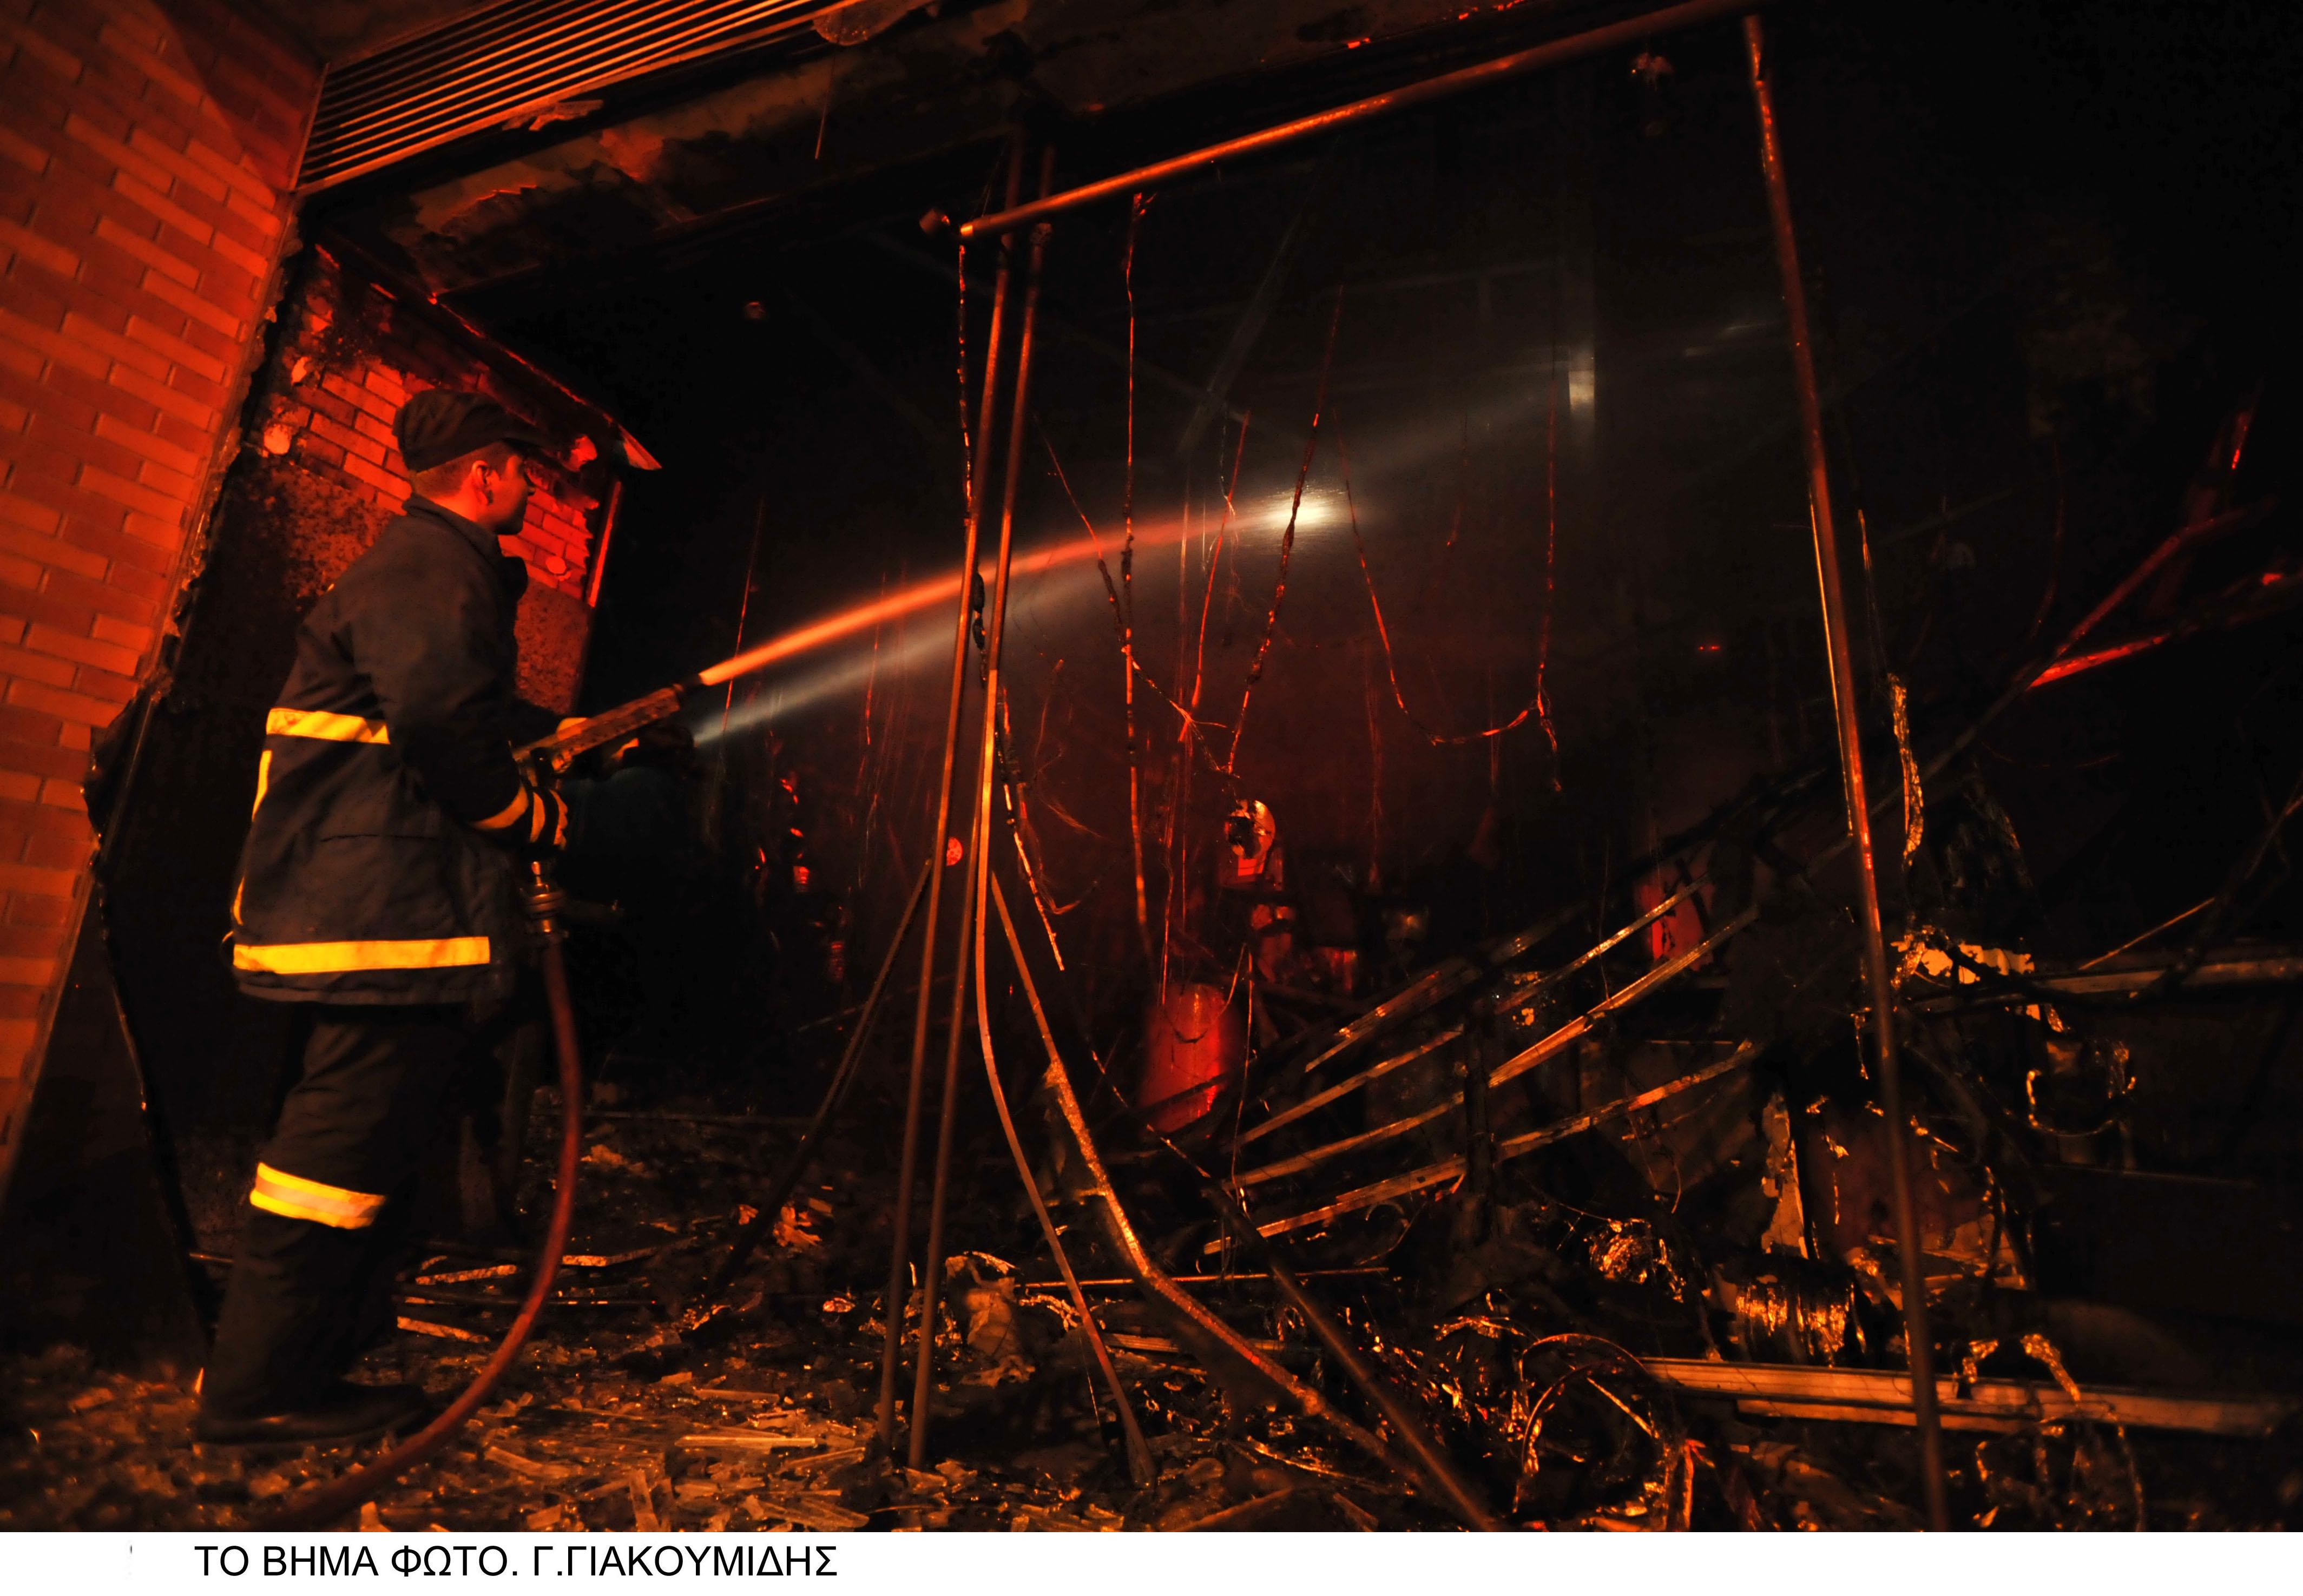 fe793f7470c1 Έξι άνθρωποι έχασαν την ζωή τους κατά τη διάρκεια πυρκαγιάς που ξέσπασε  στις 2.50 μετά τα μεσάνυκτα σε κατάστημα με κινέζικα ρούχα που βρίσκεται  στην ...